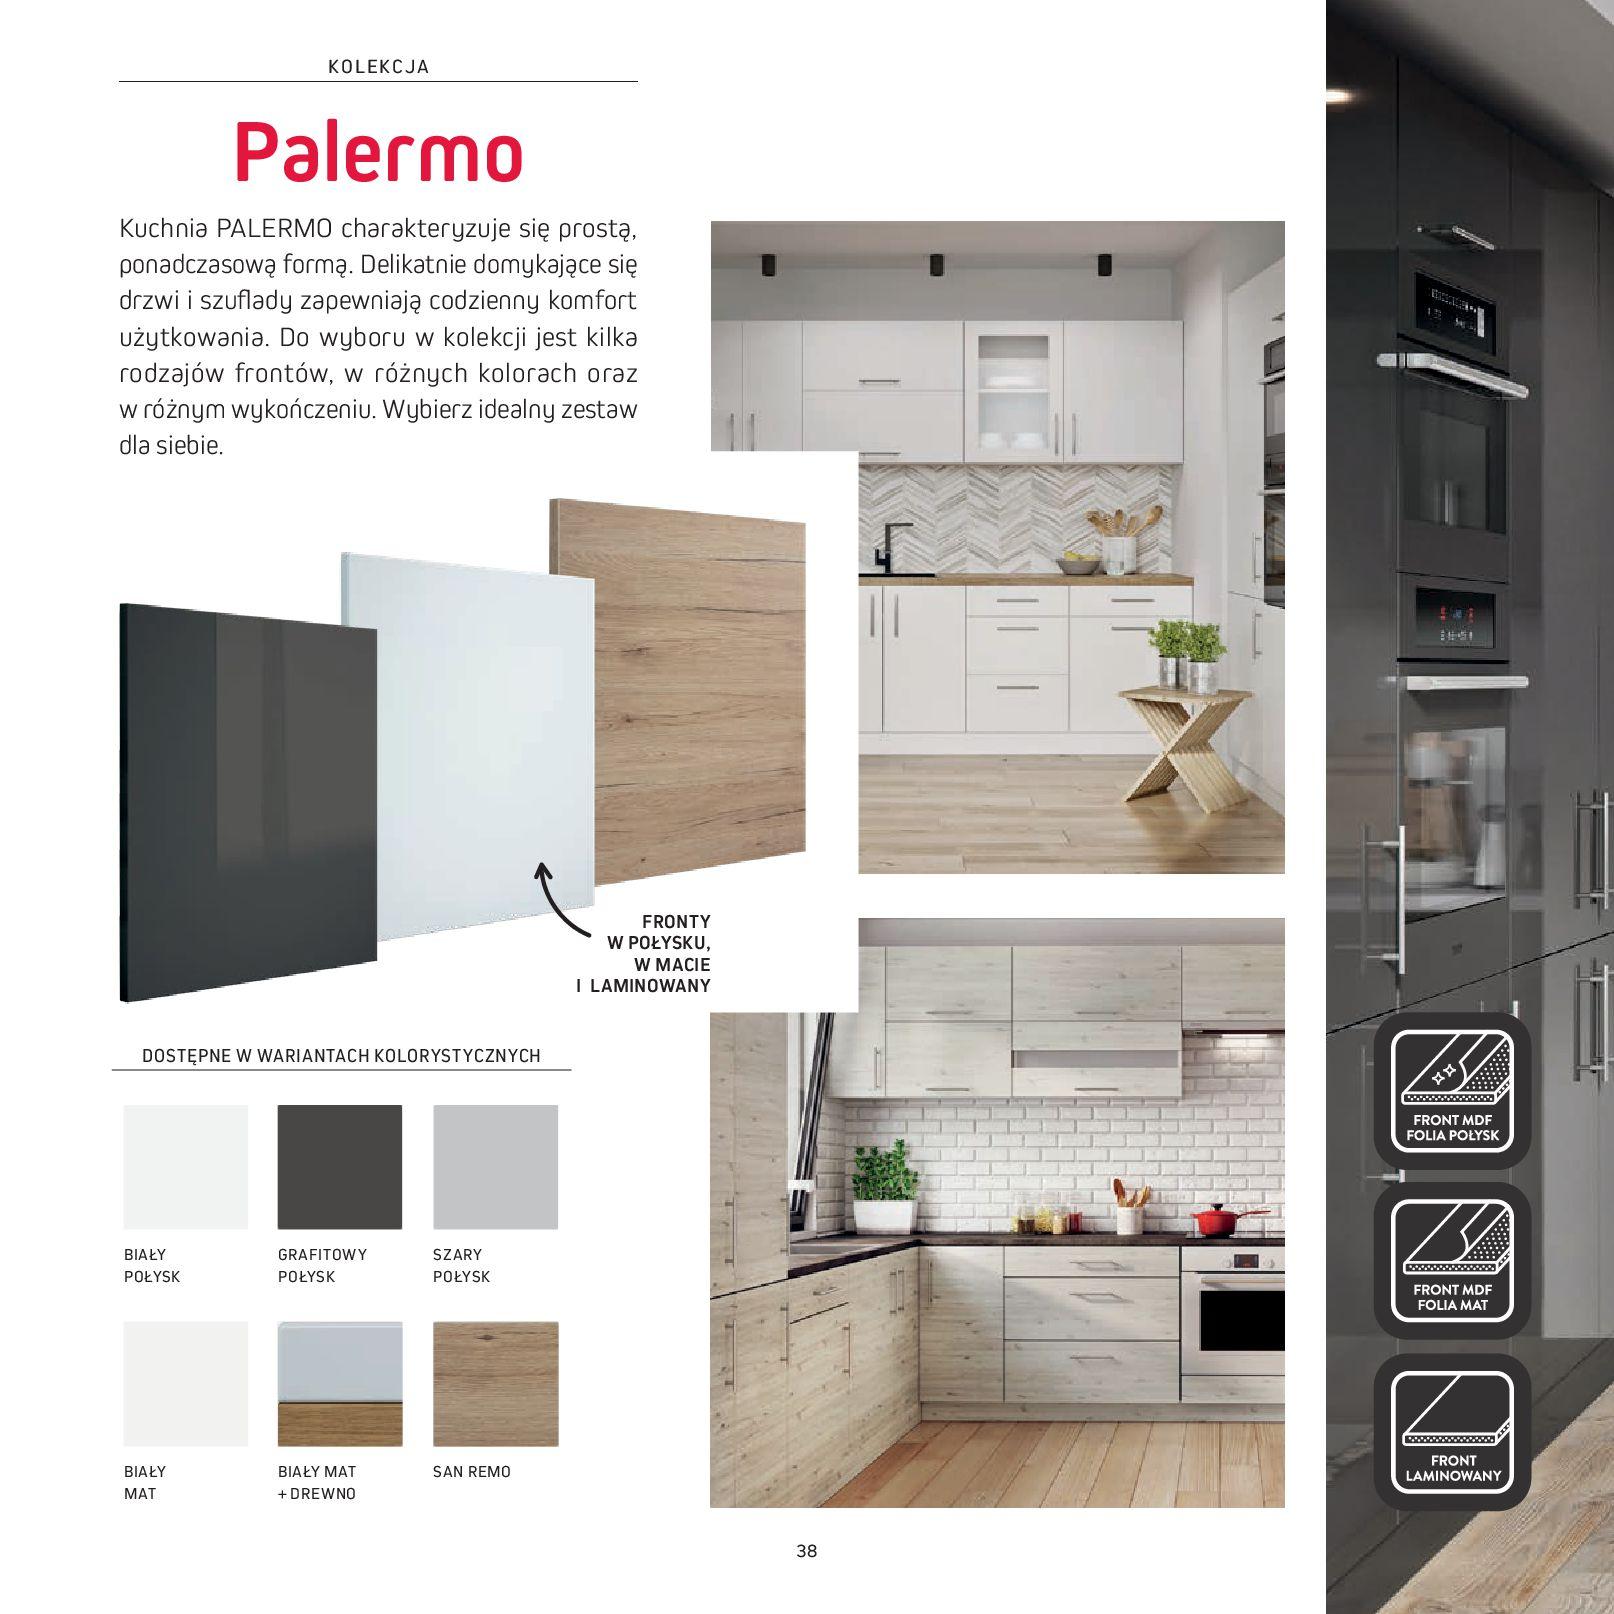 Gazetka Komfort: Gazetka Komfort - Katalog Kuchnie 2021 2021-06-16 page-40